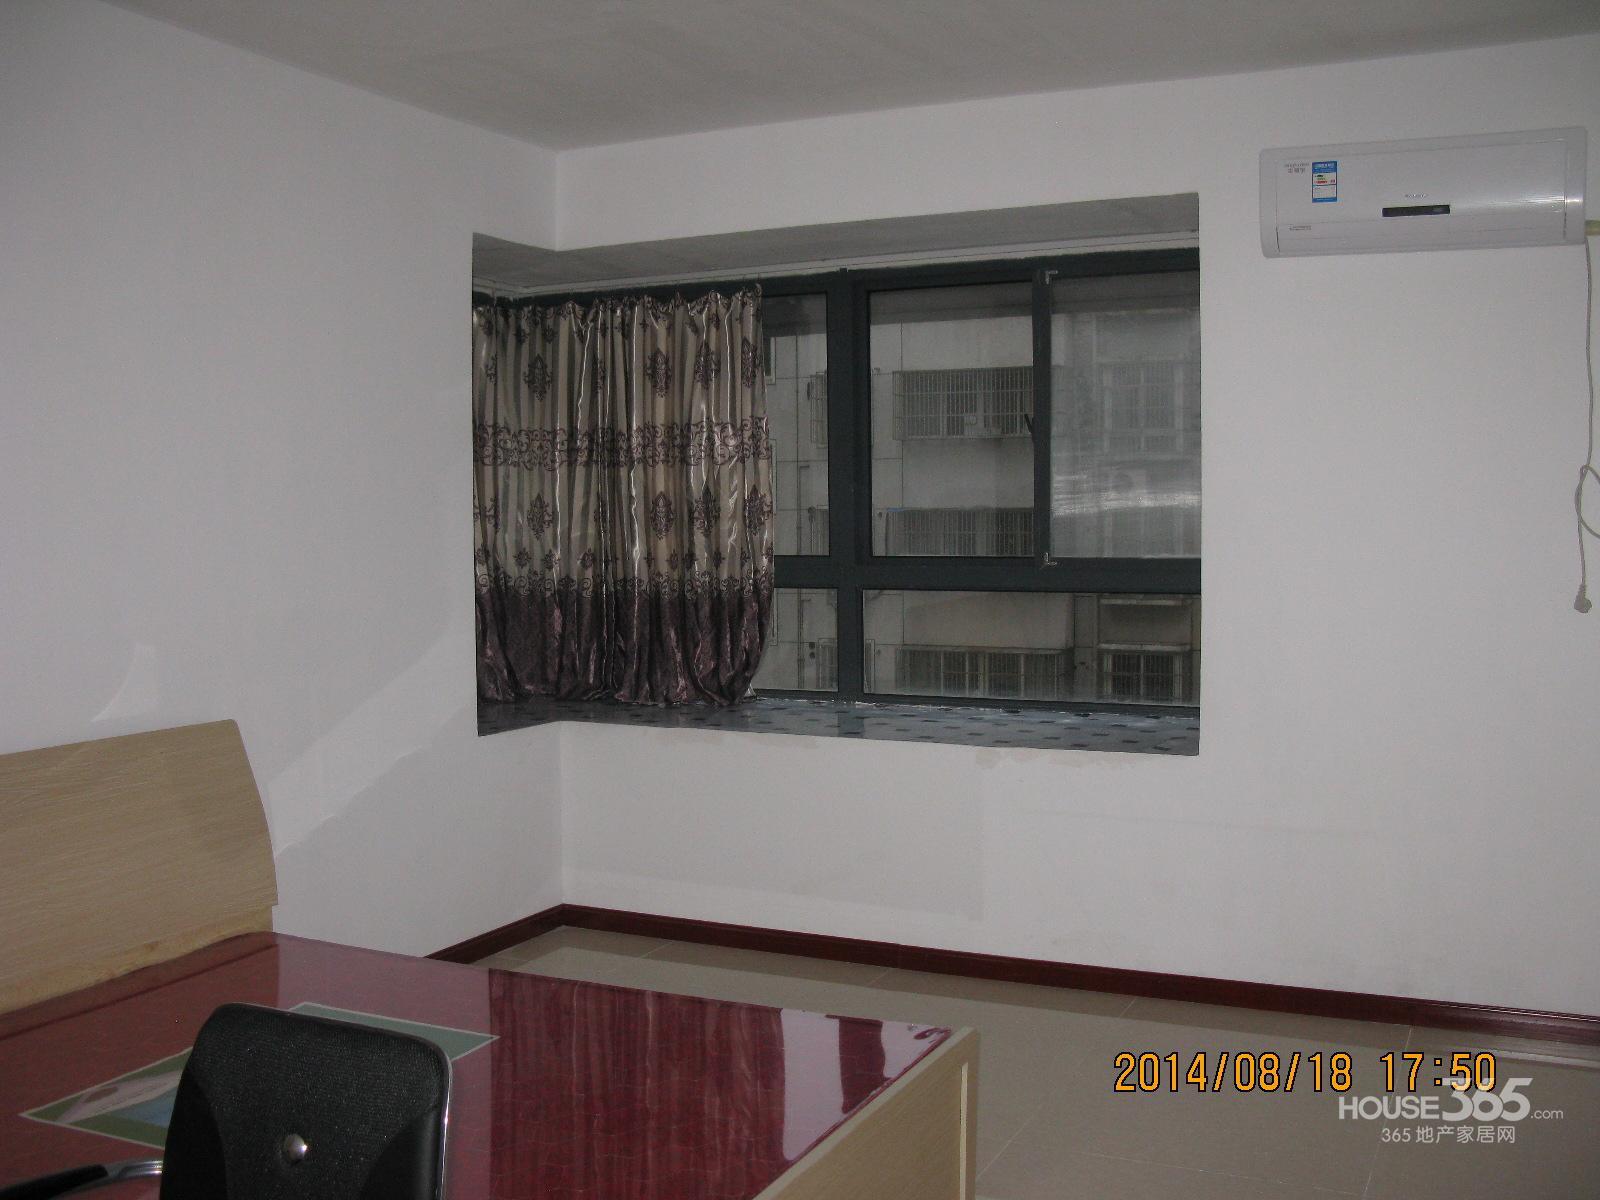 海空苑5室1厅2卫23.00�O合租不限男女中装